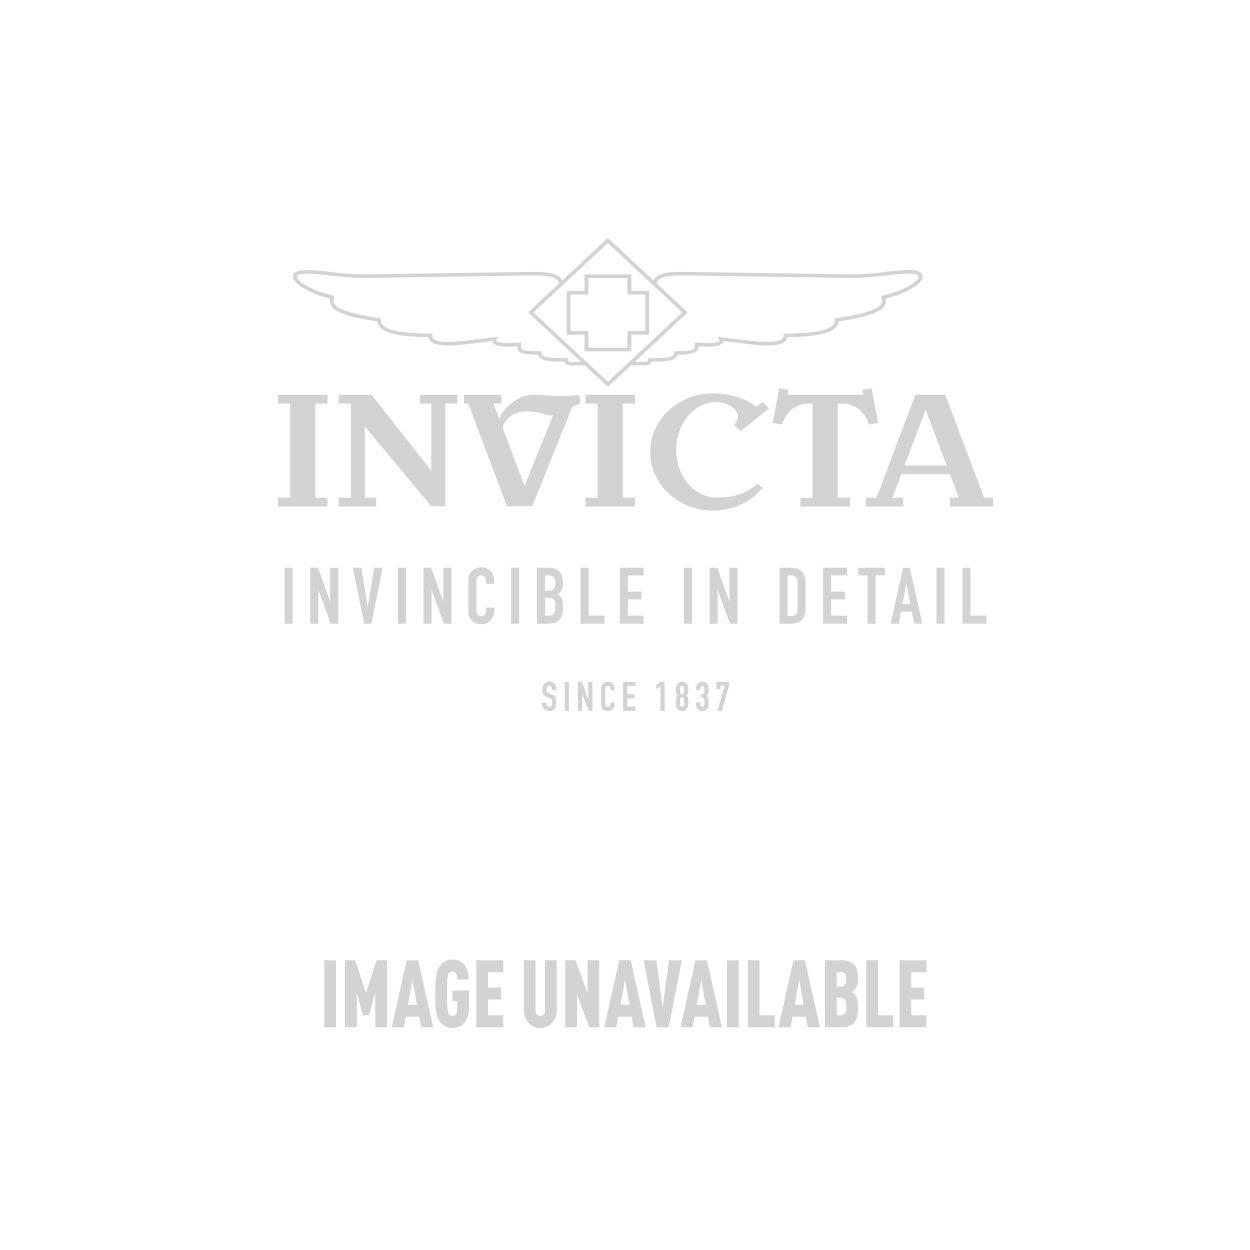 Invicta Model 28508